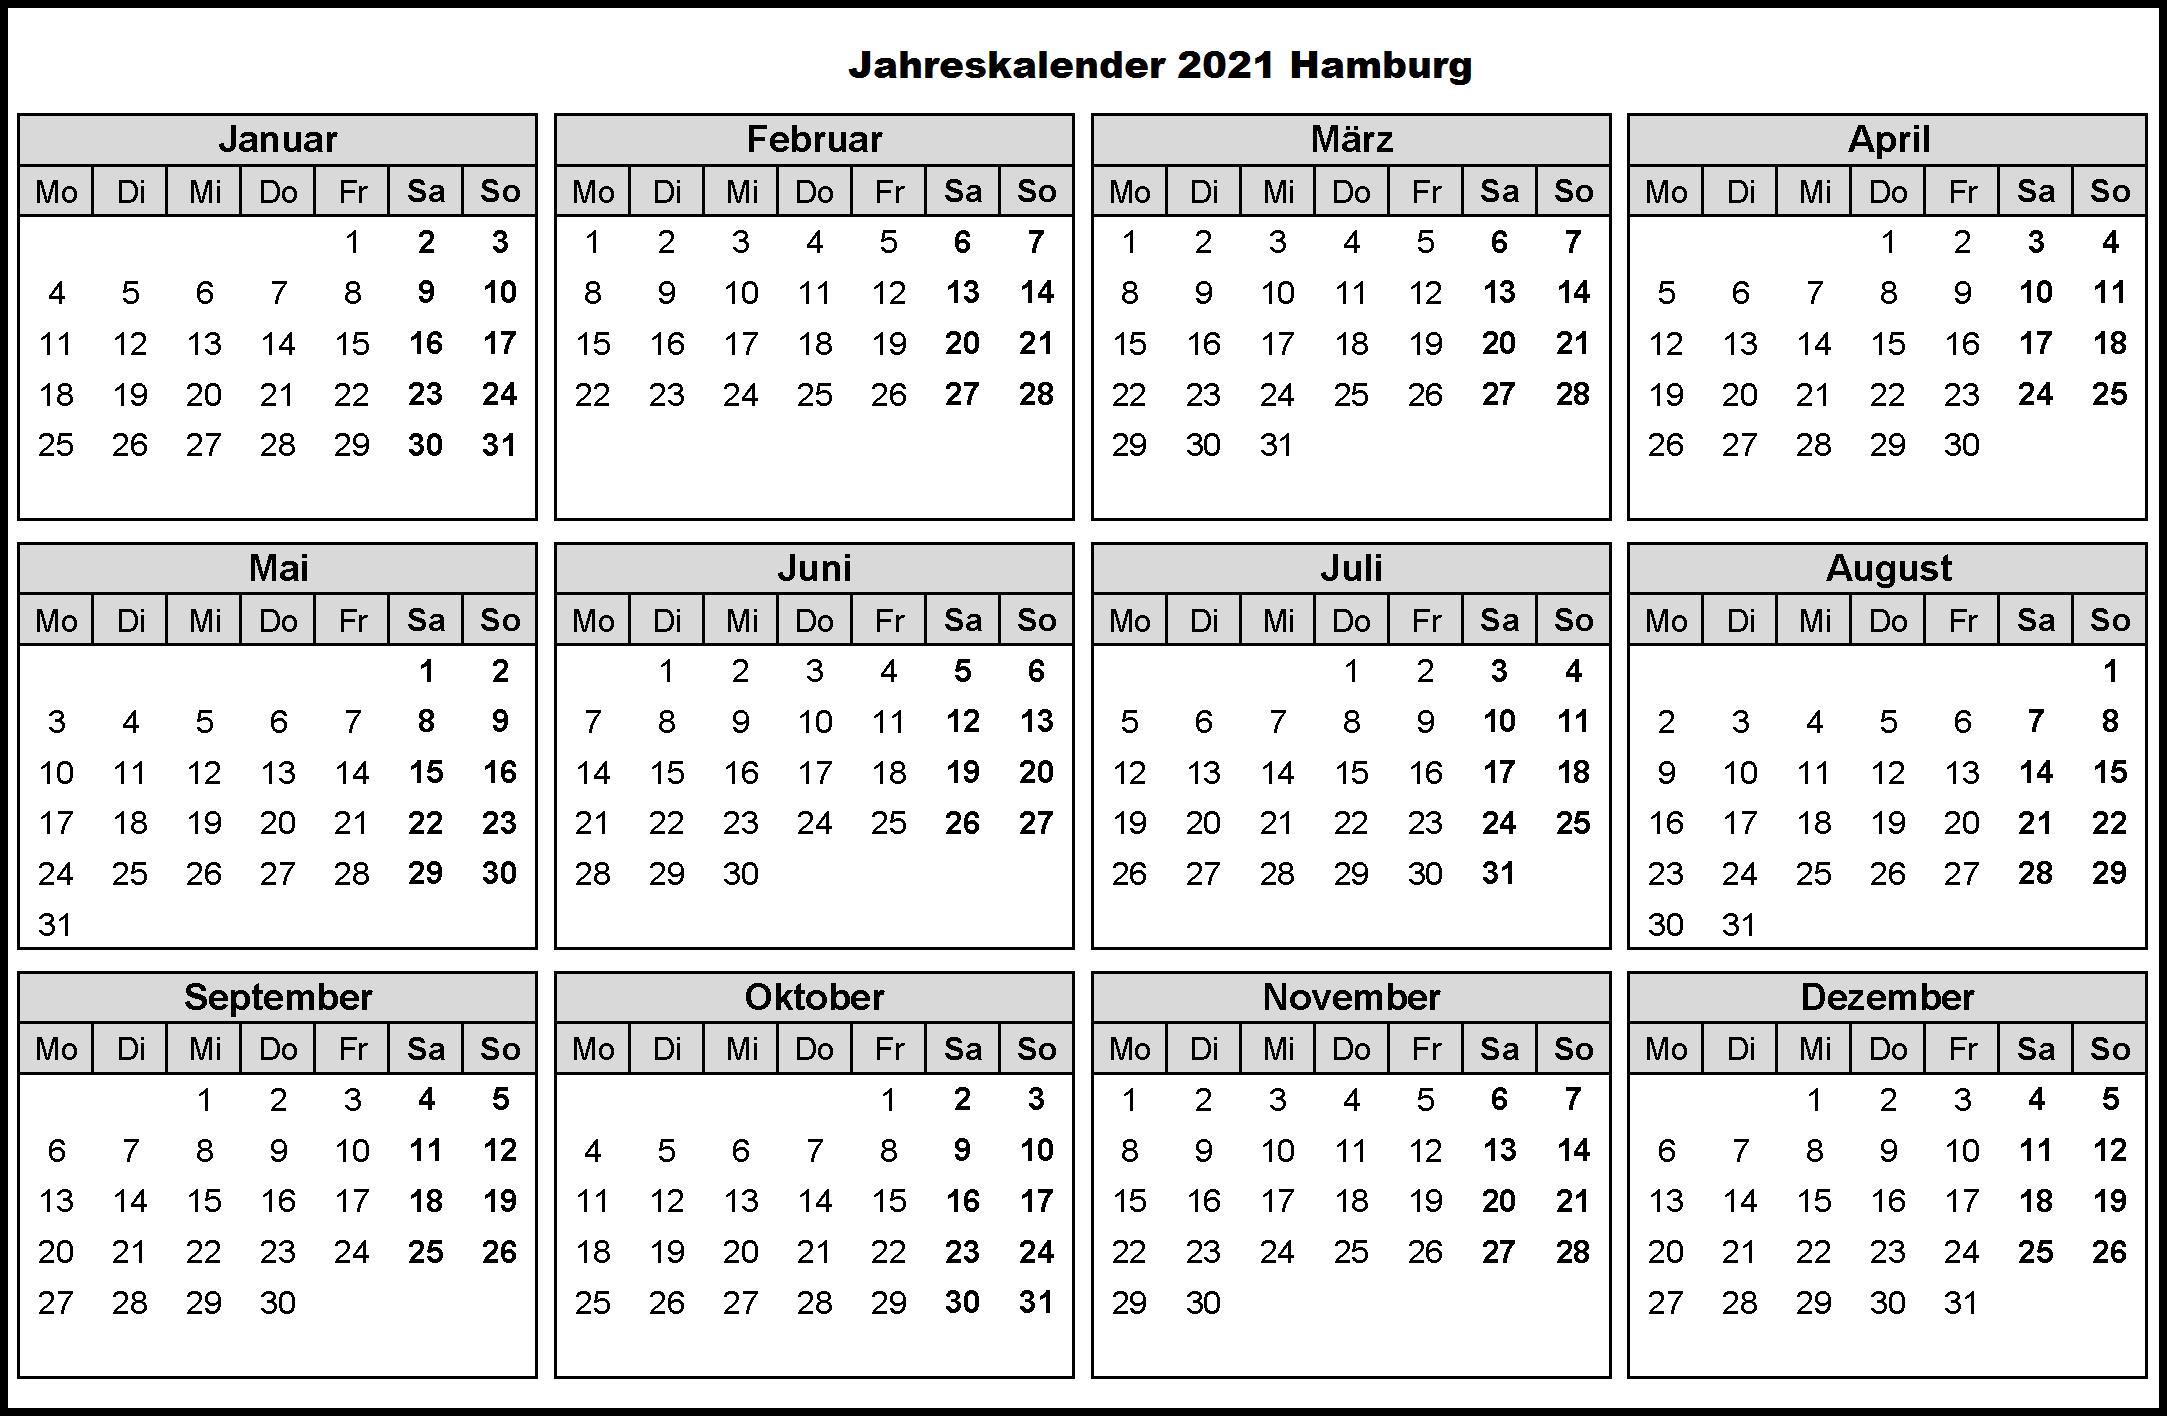 Jahreskalender 2021 Hamburg MitFerien und Feiertagen